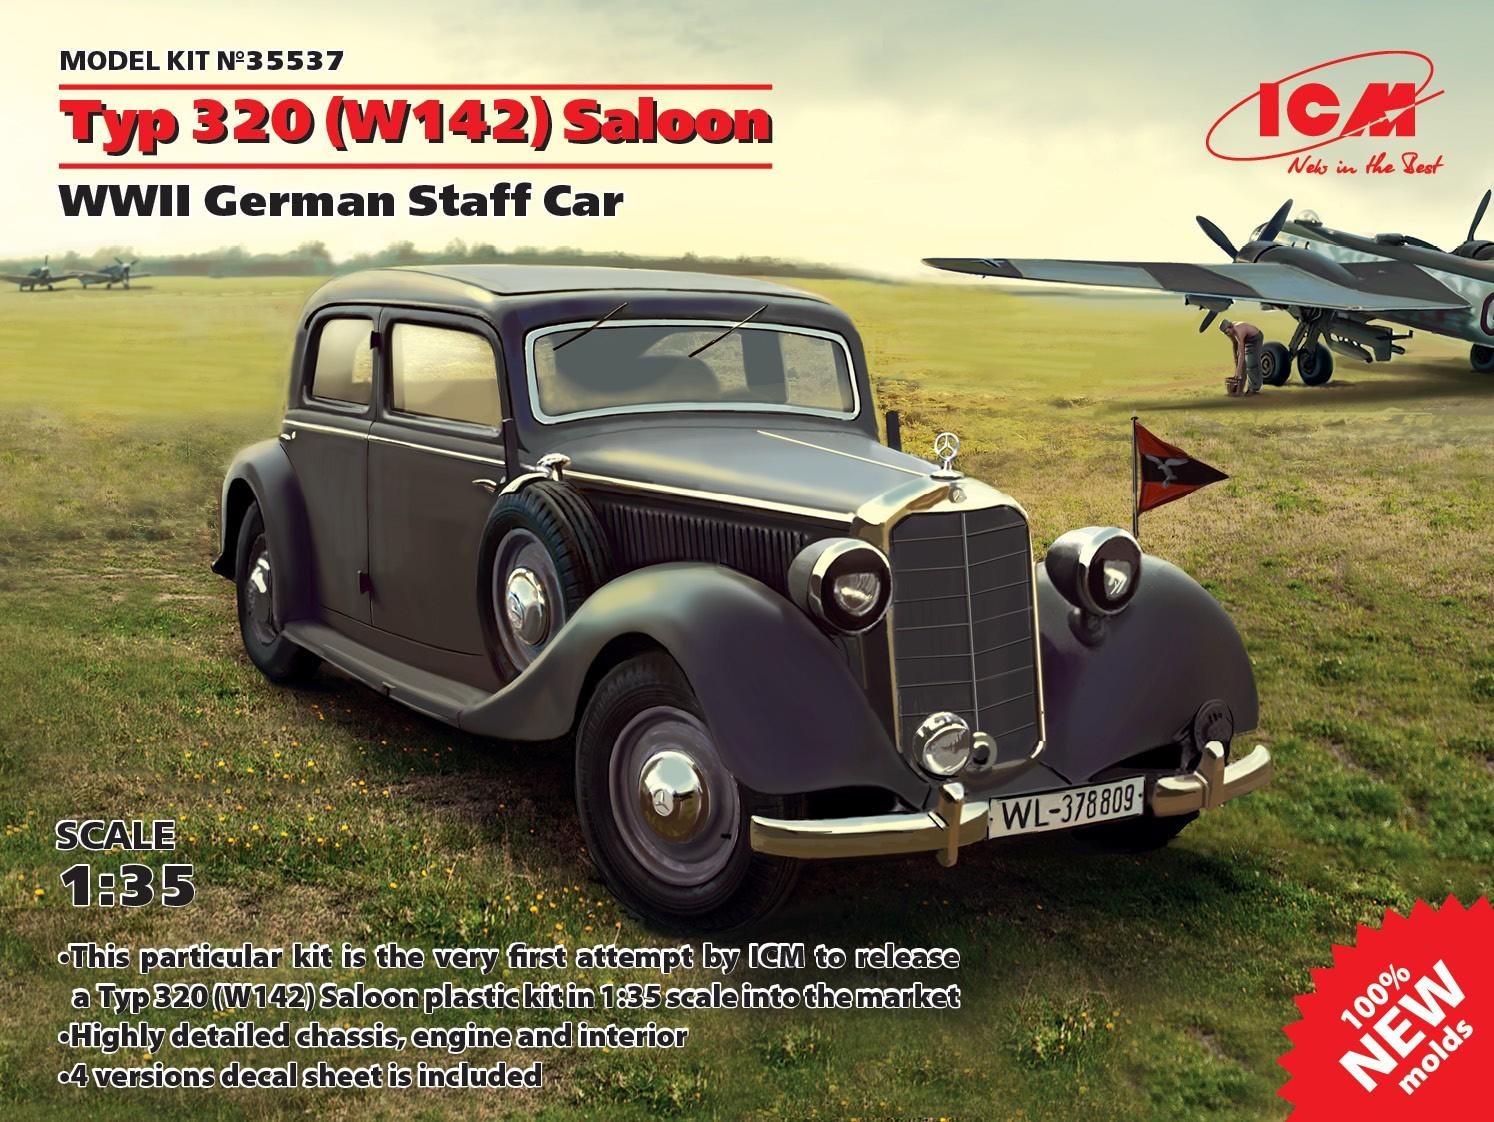 35537_Typ 320 (W142) Saloon, WWII German Staff Car (100% new molds) WEB_EN